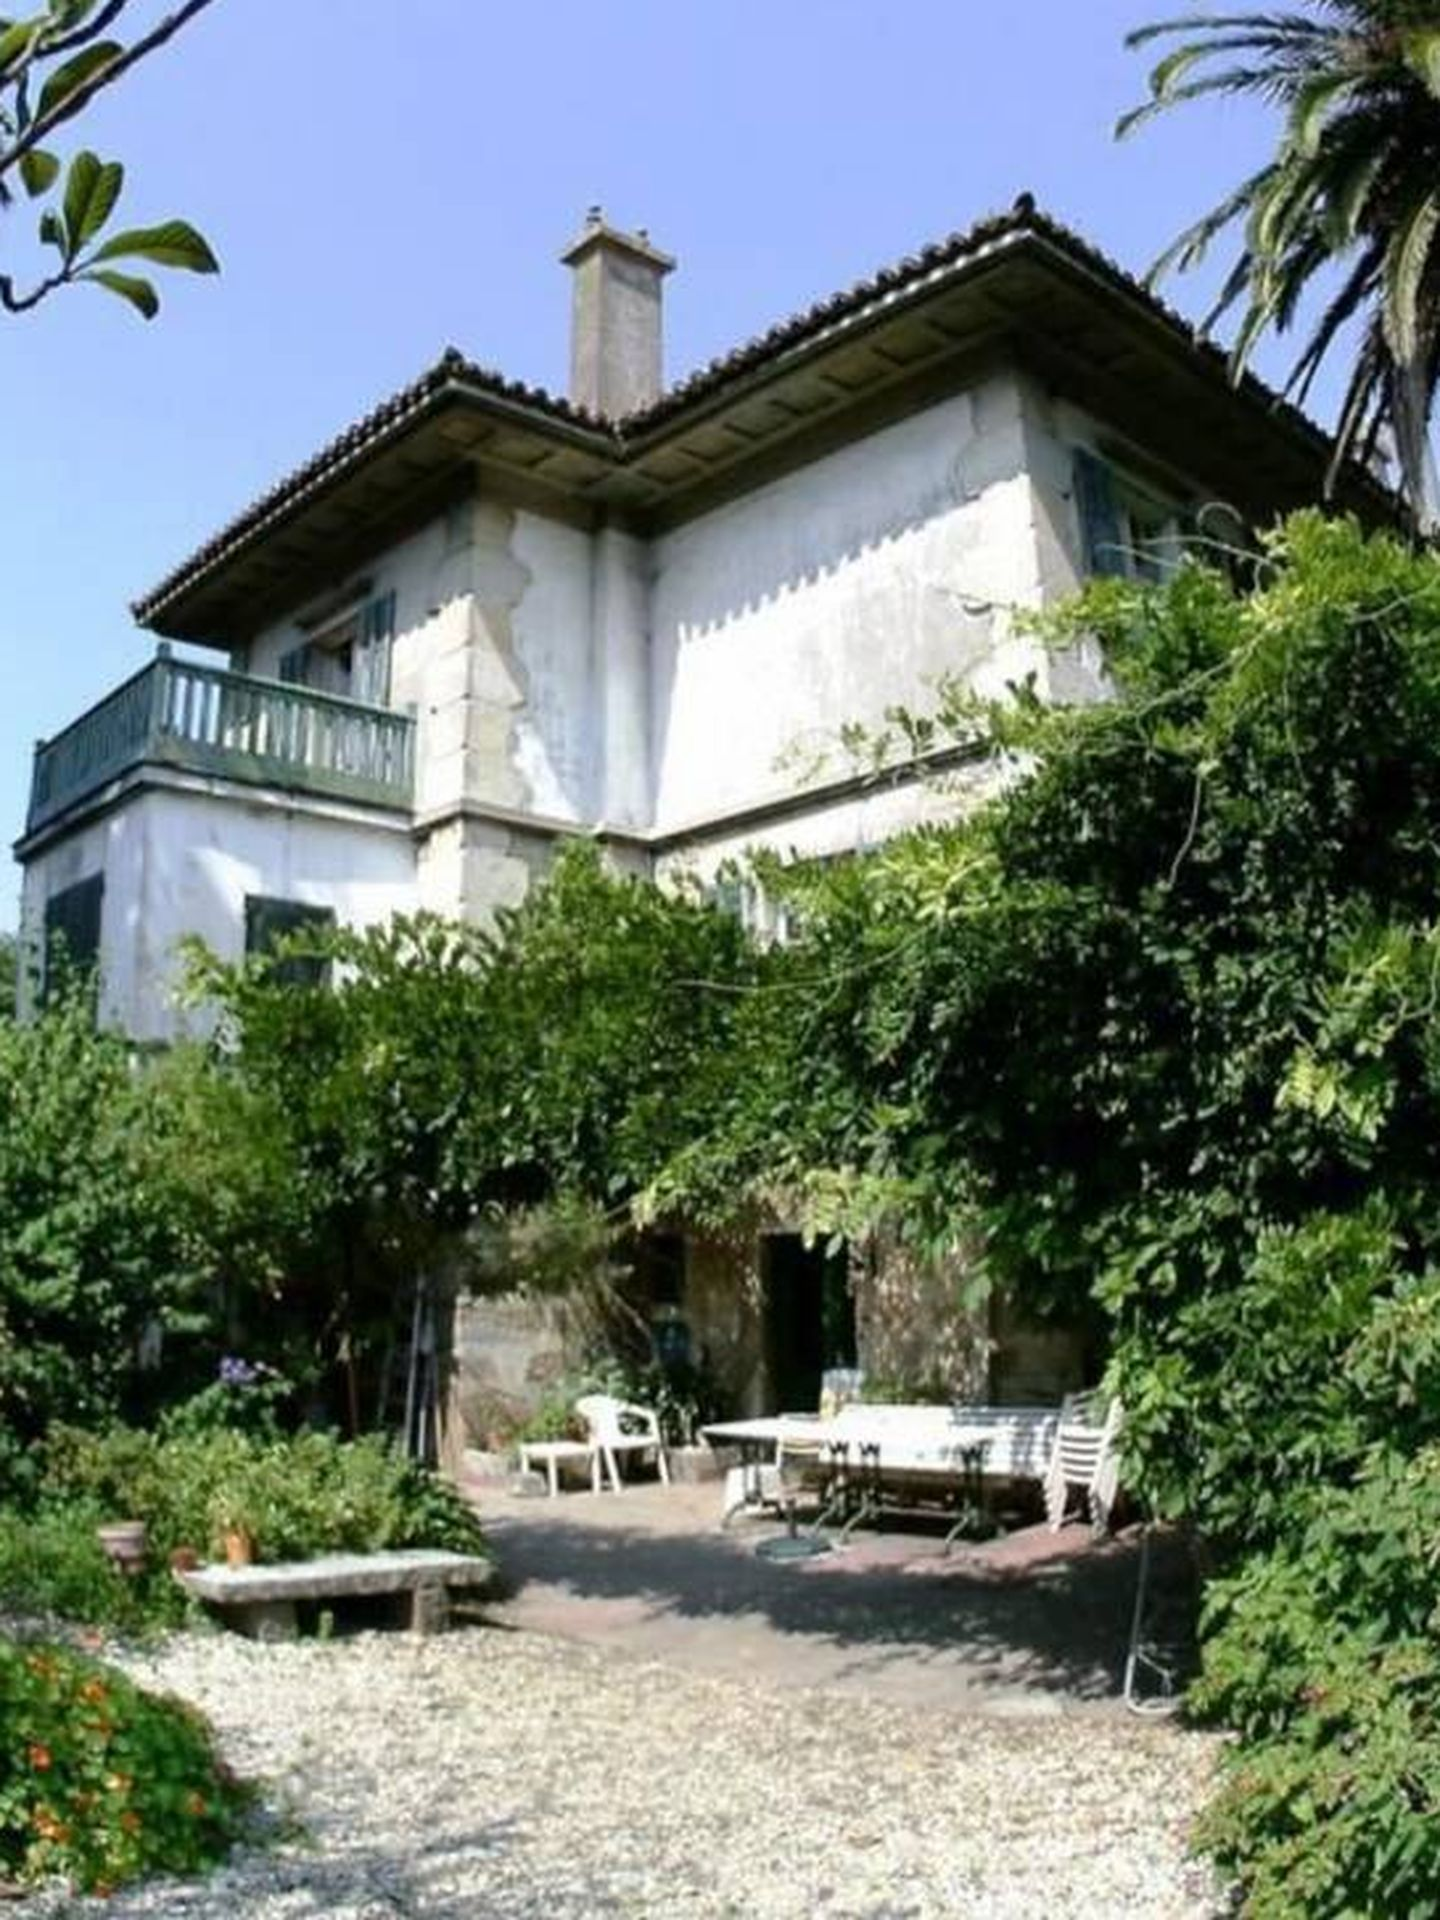 Los jardines del palacete. (Idealista)